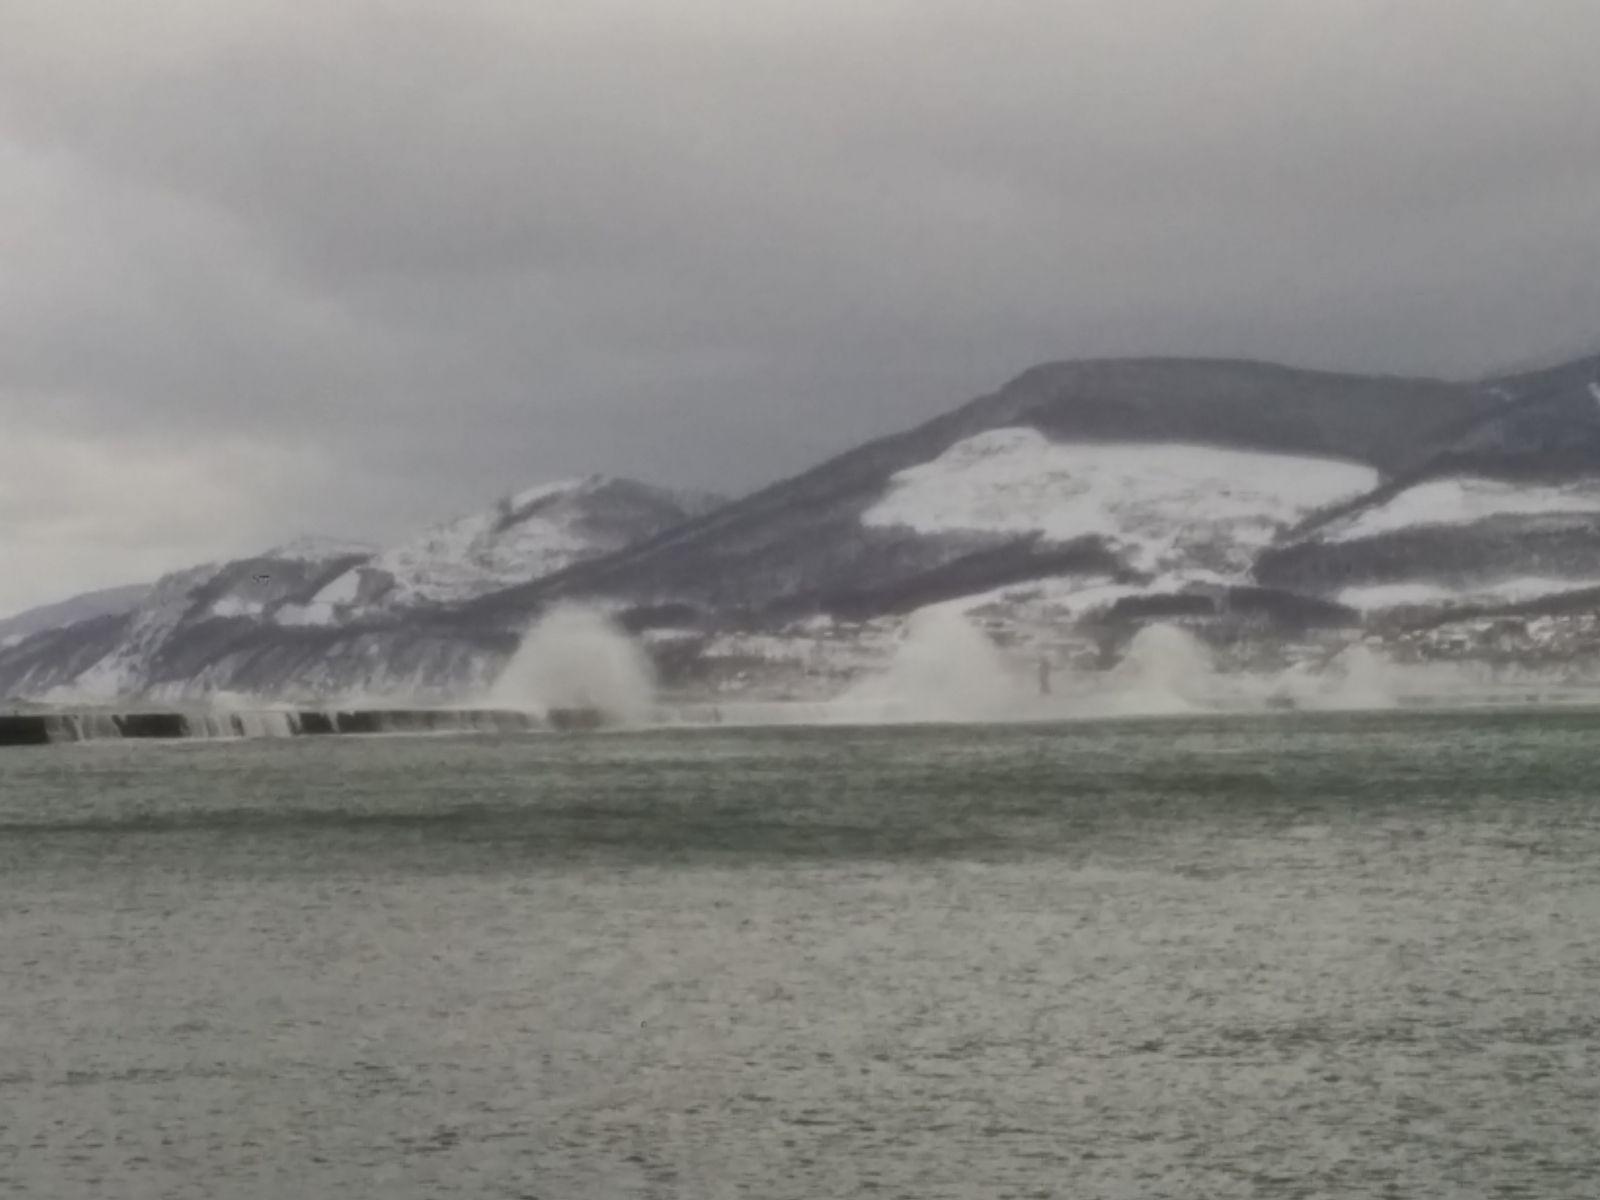 北海道小樽送迎観光タクシー・冬の小樽港防波堤観光案内です。